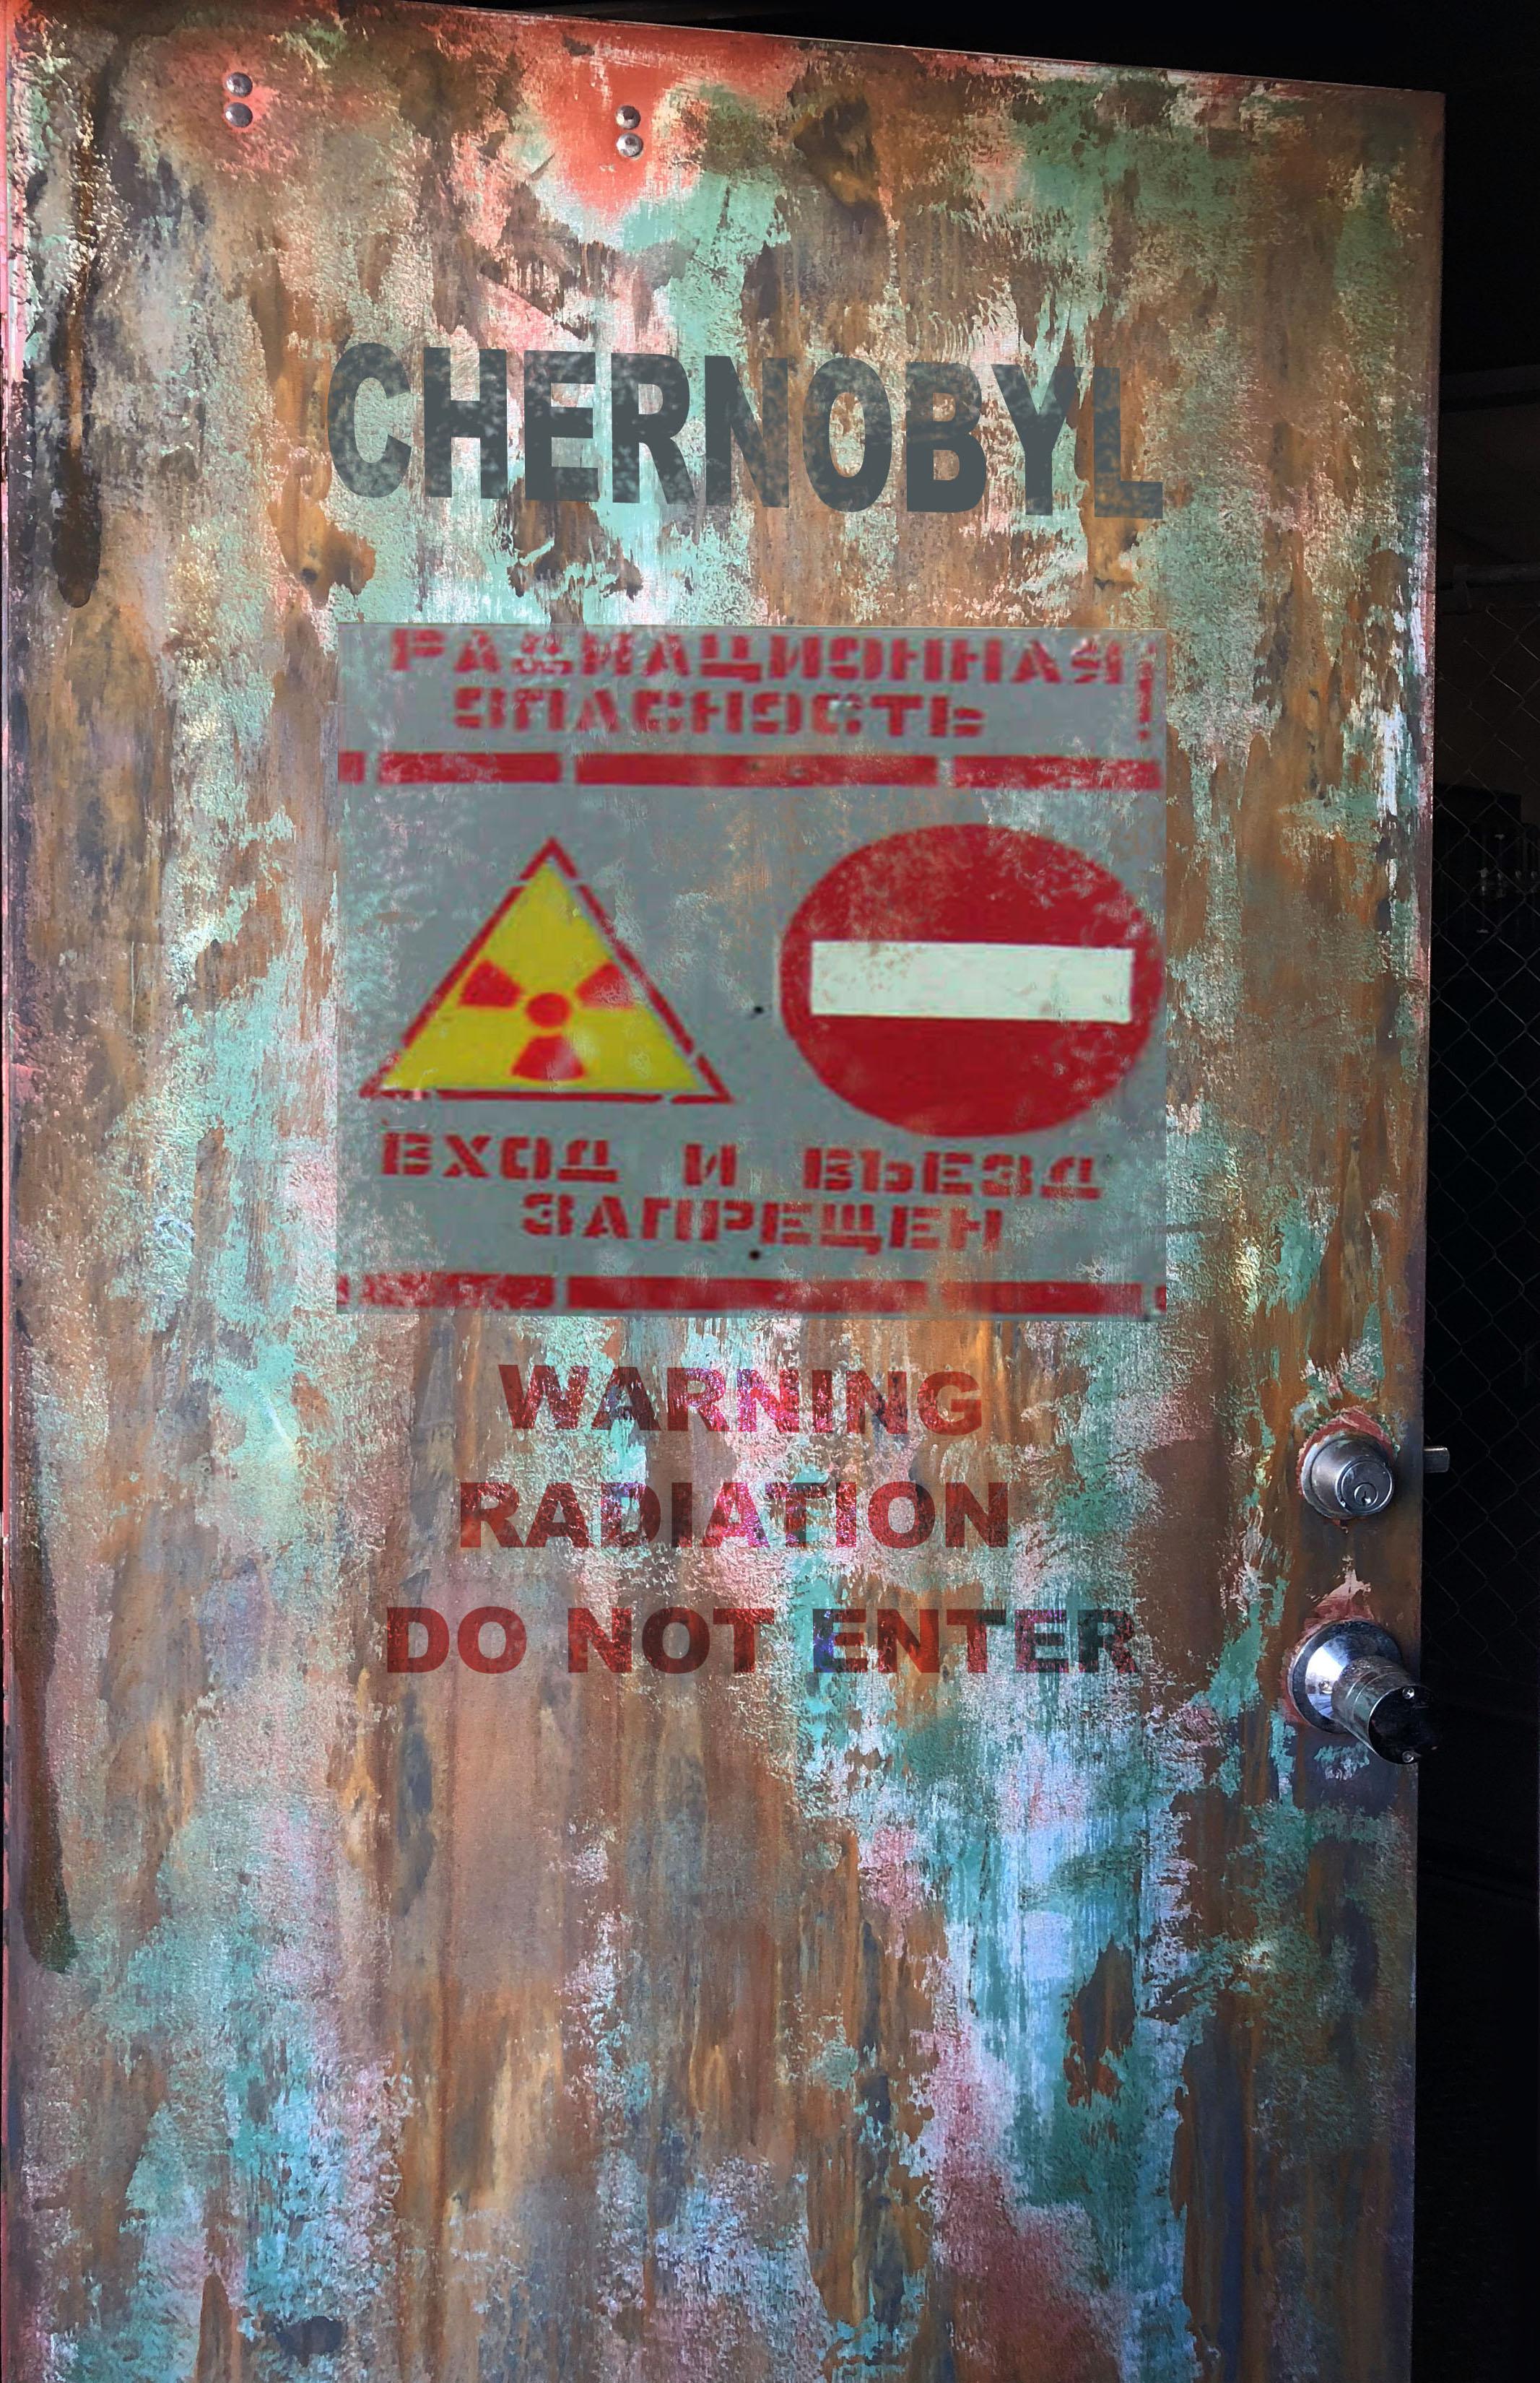 chernoble front door.jpg